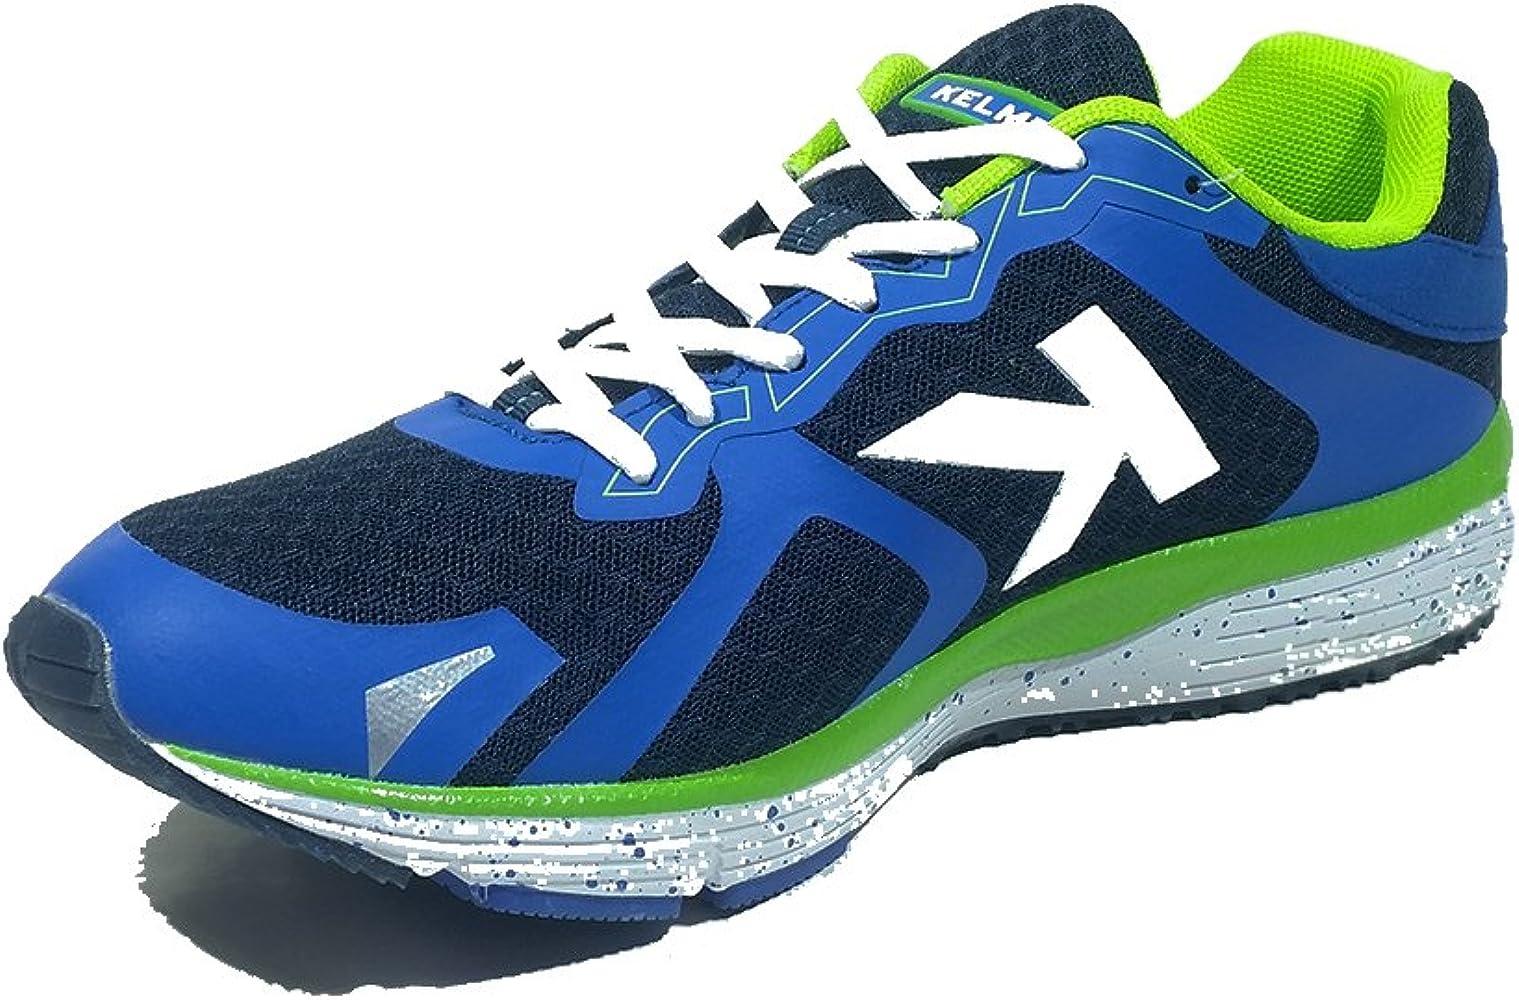 KELME - Zapatillas Deportivas Running Boston Kush 46834 Hombre Marino 40: Amazon.es: Zapatos y complementos